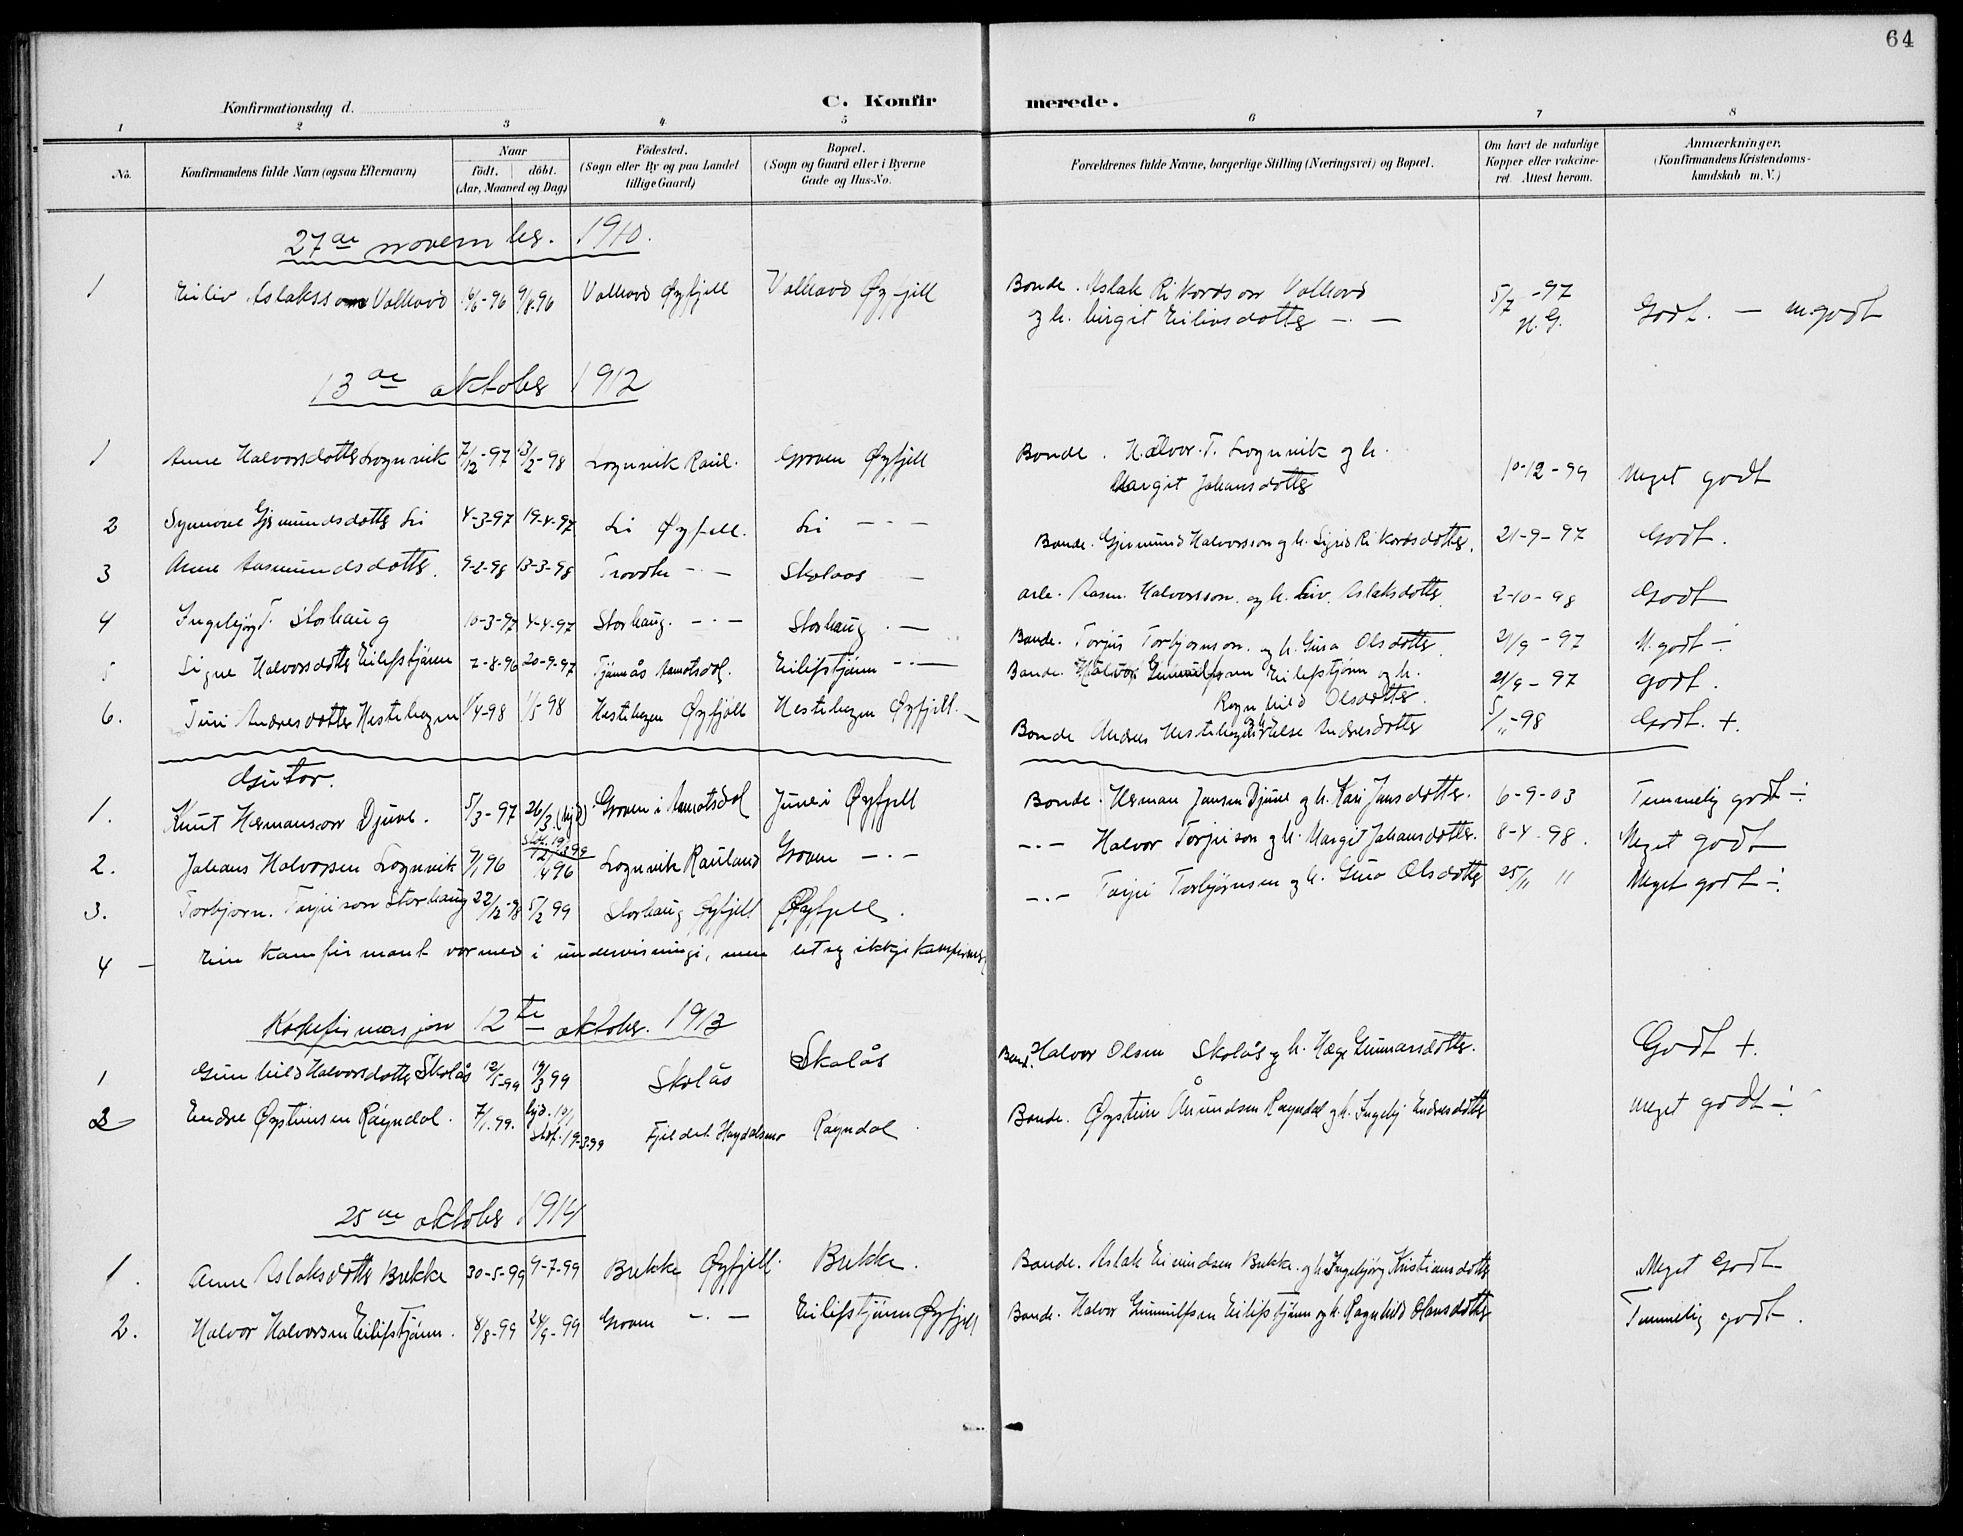 SAKO, Rauland kirkebøker, G/Gb/L0002: Klokkerbok nr. II 2, 1887-1937, s. 64